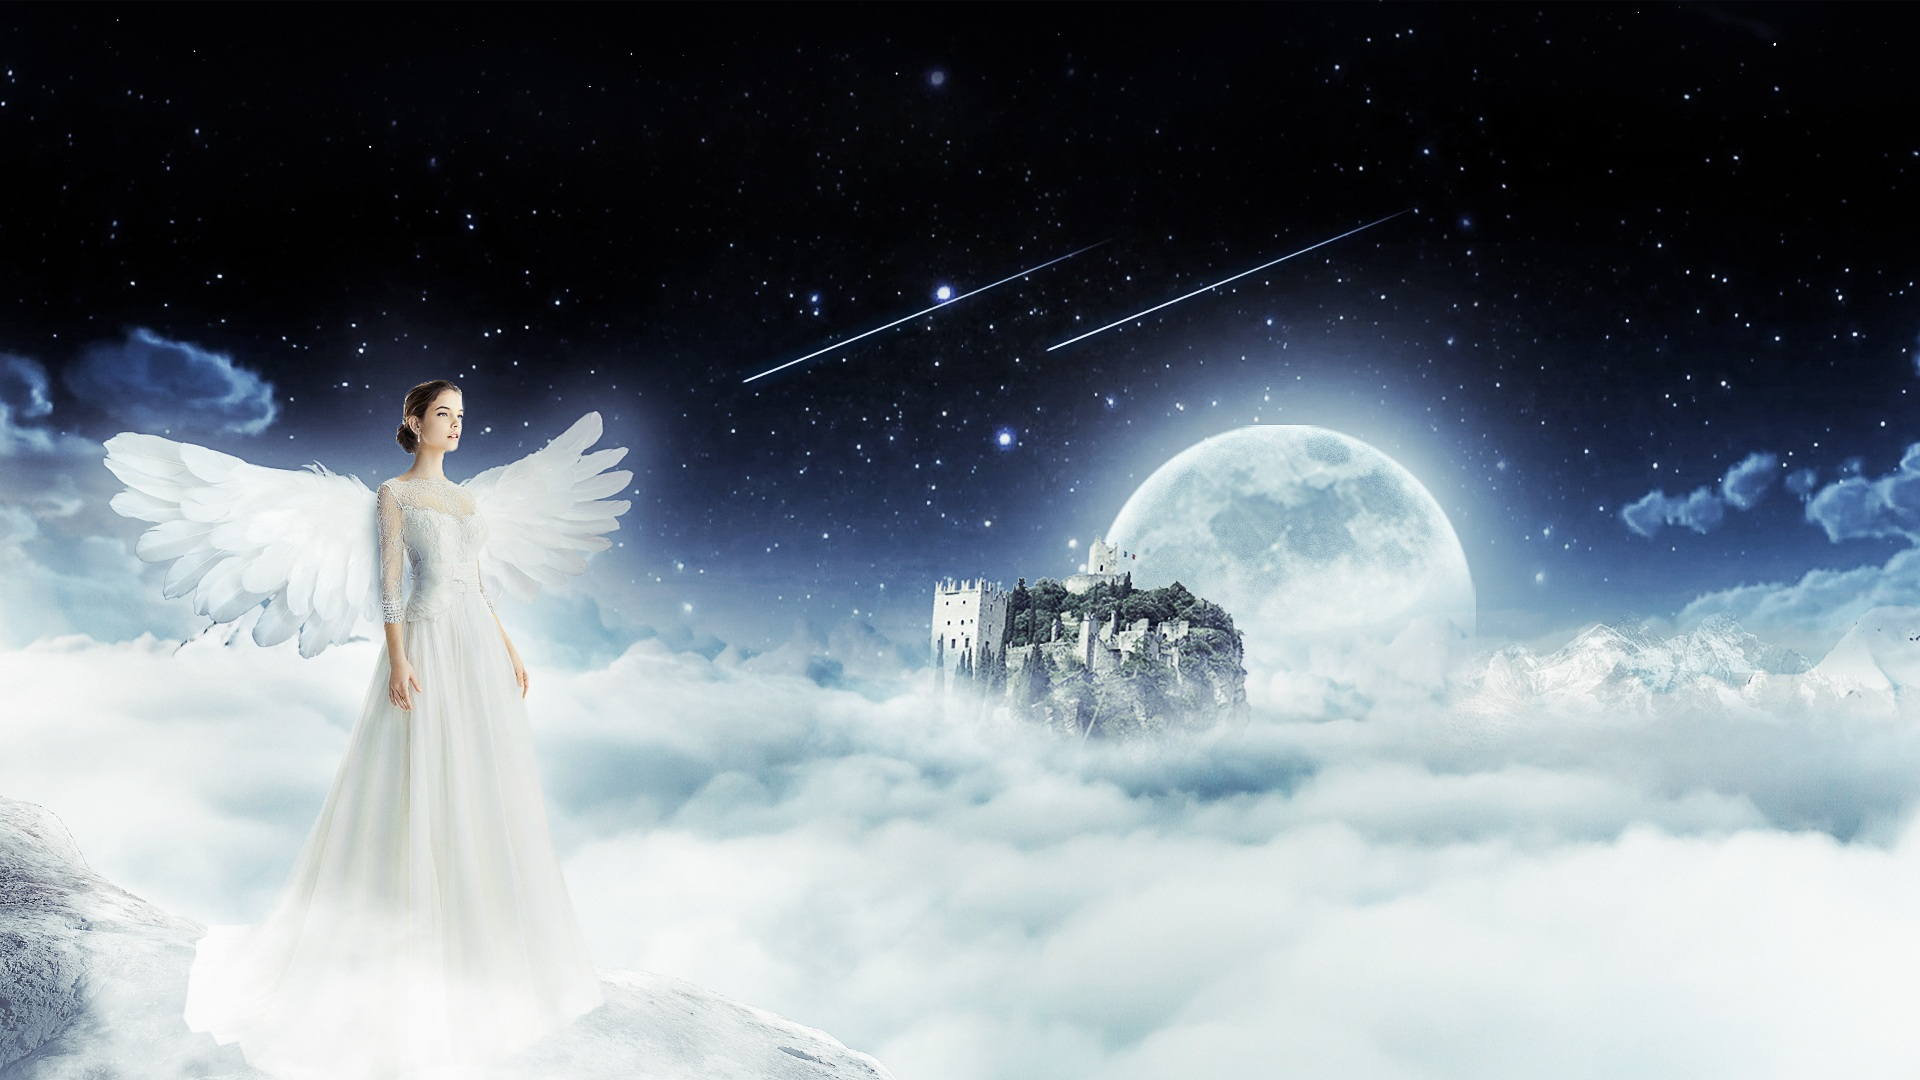 天使, 女人, 天空, 云彩, 月亮 - 高清壁纸 - 教授-falken.com